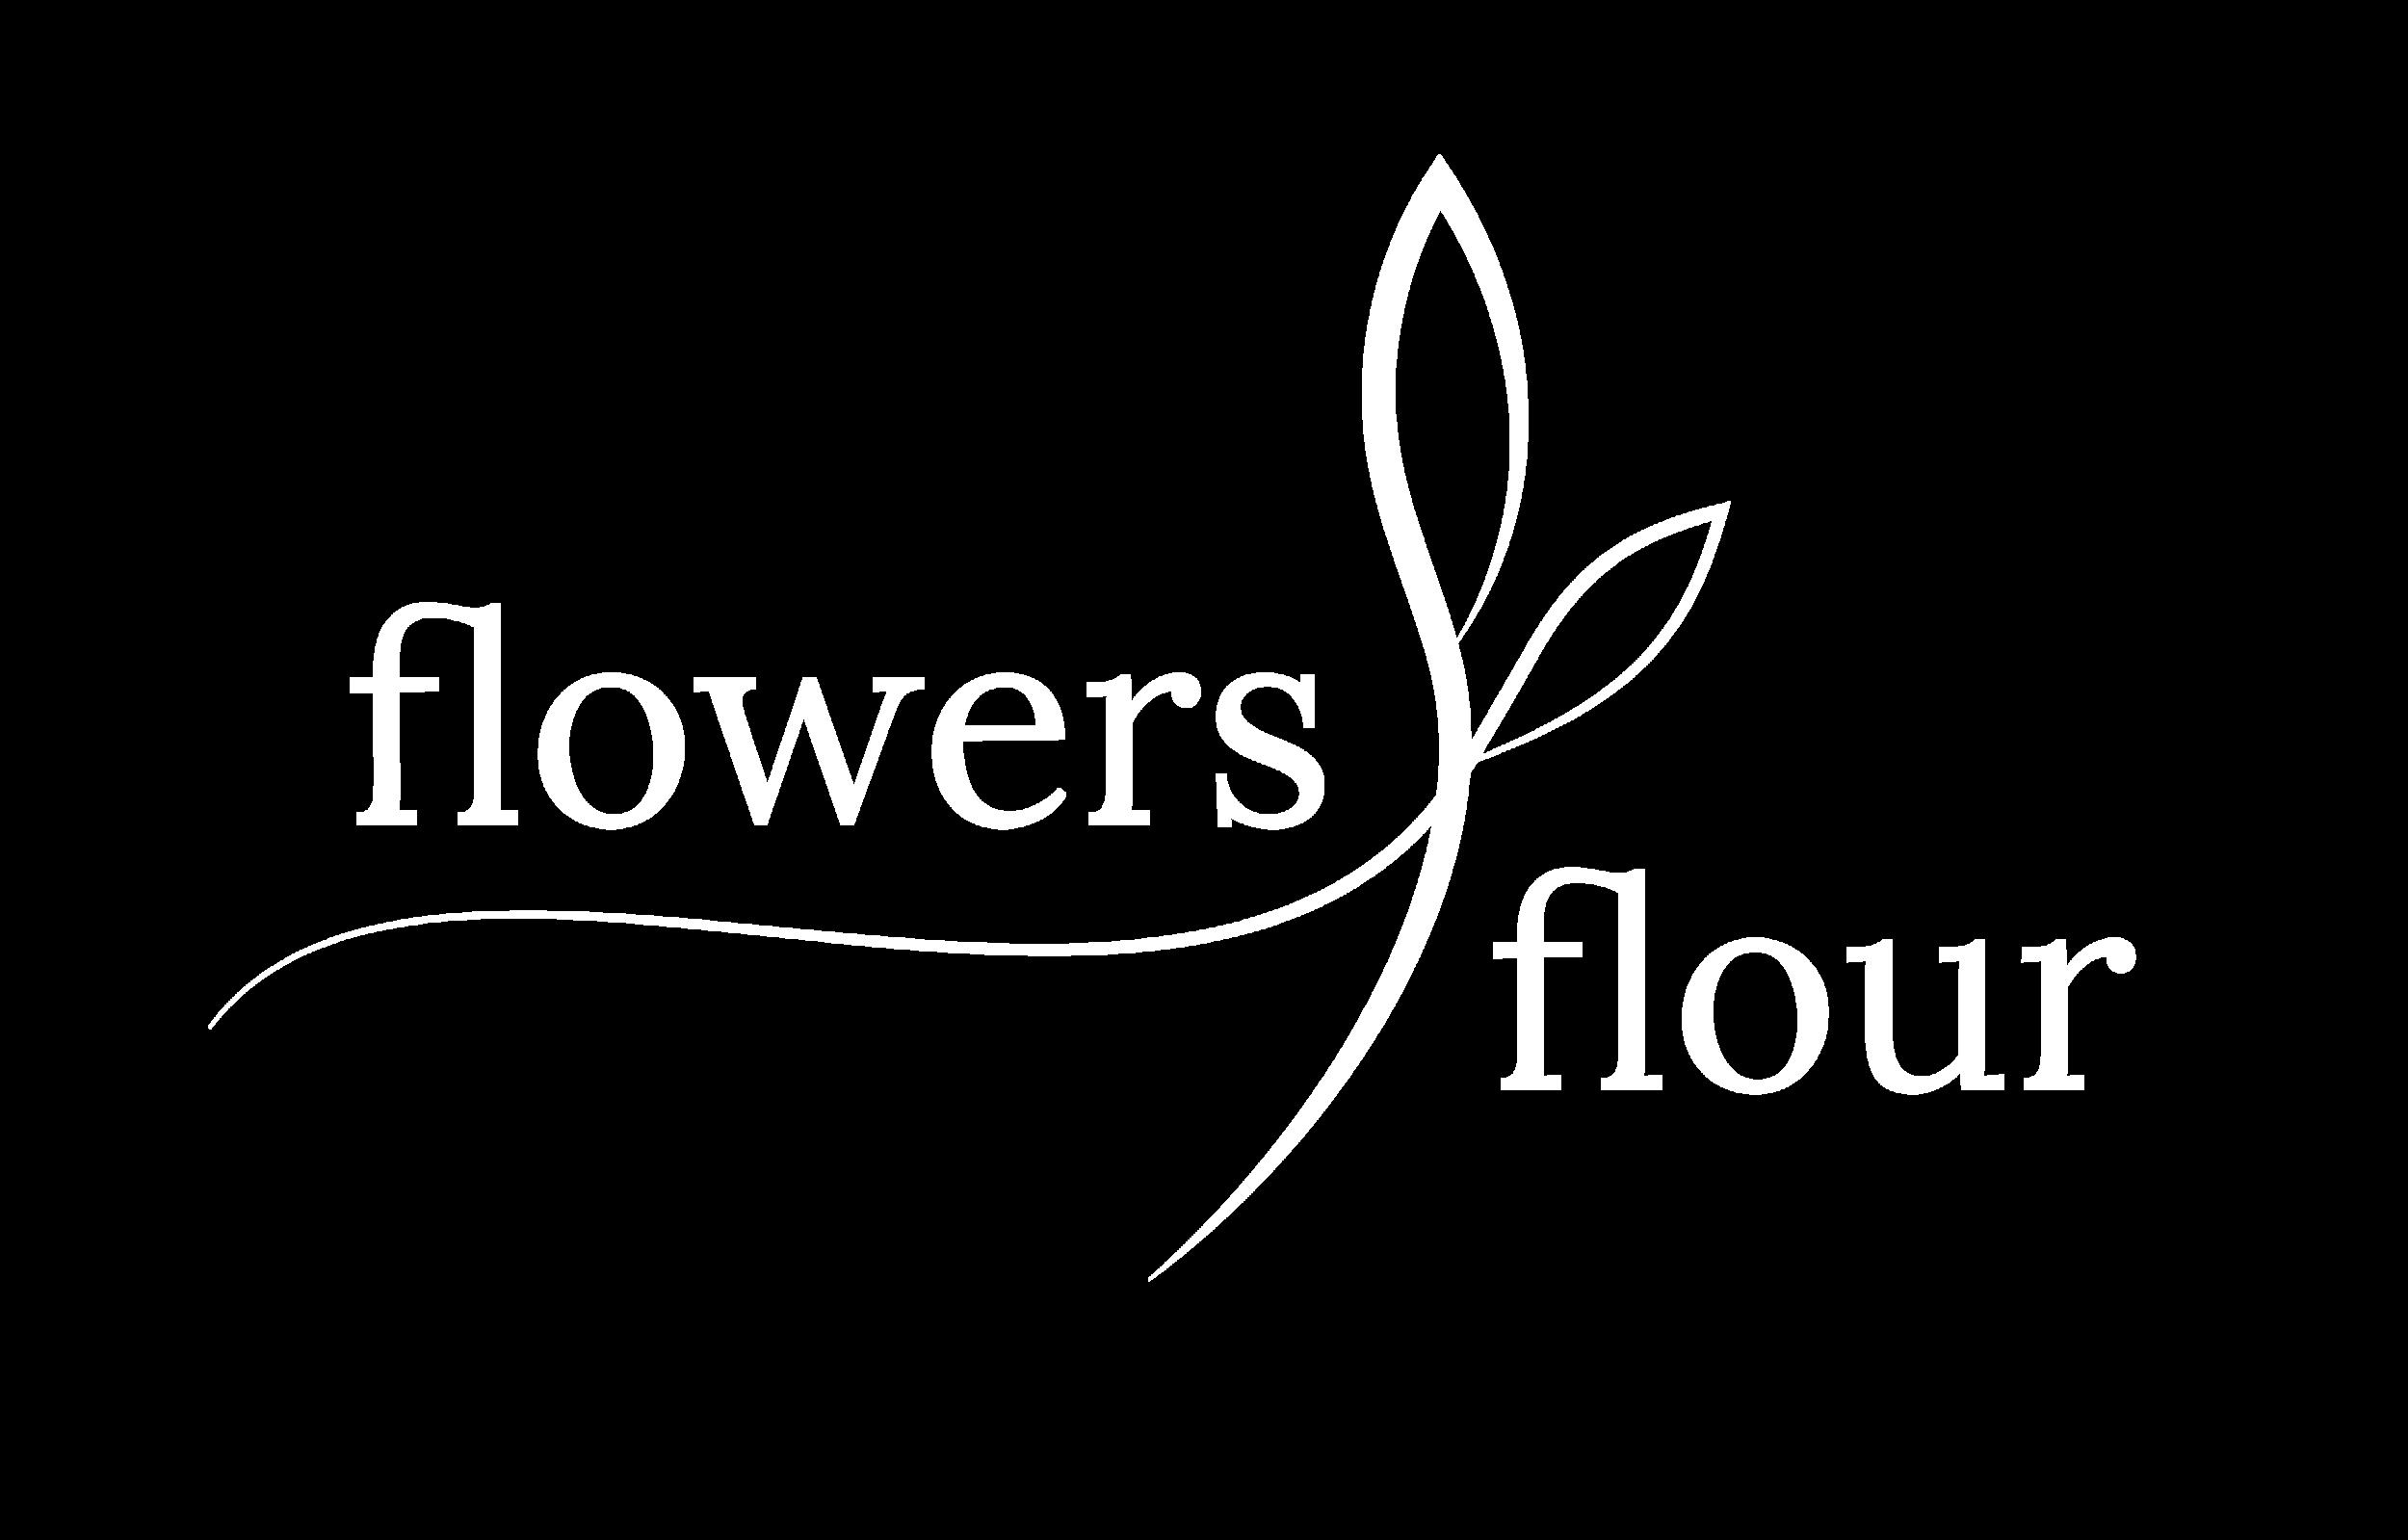 Flowersxflour-22.png